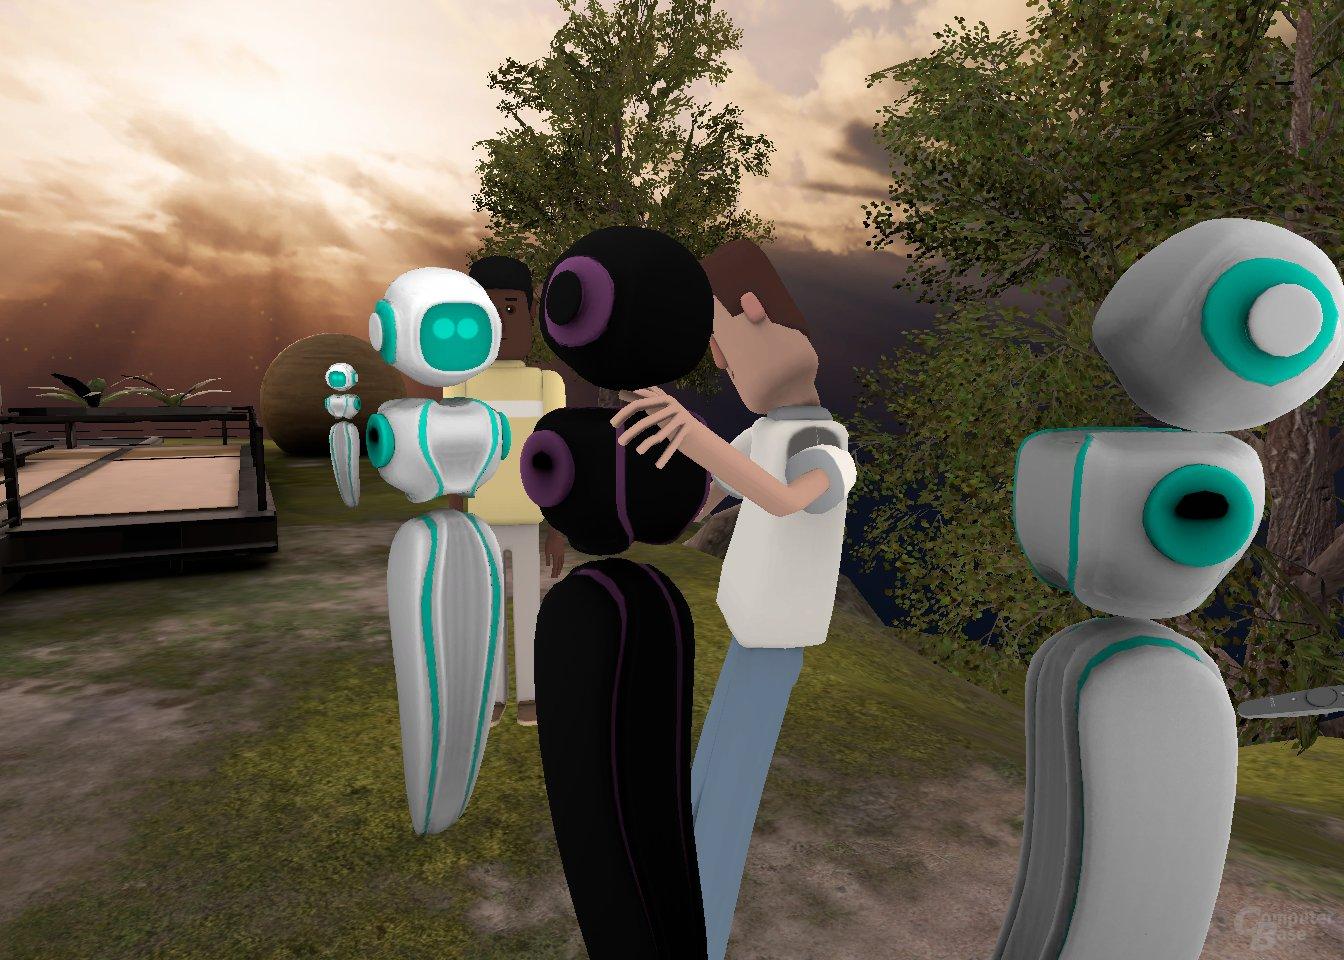 ...und umarmt wenige Momente später einen Avatar